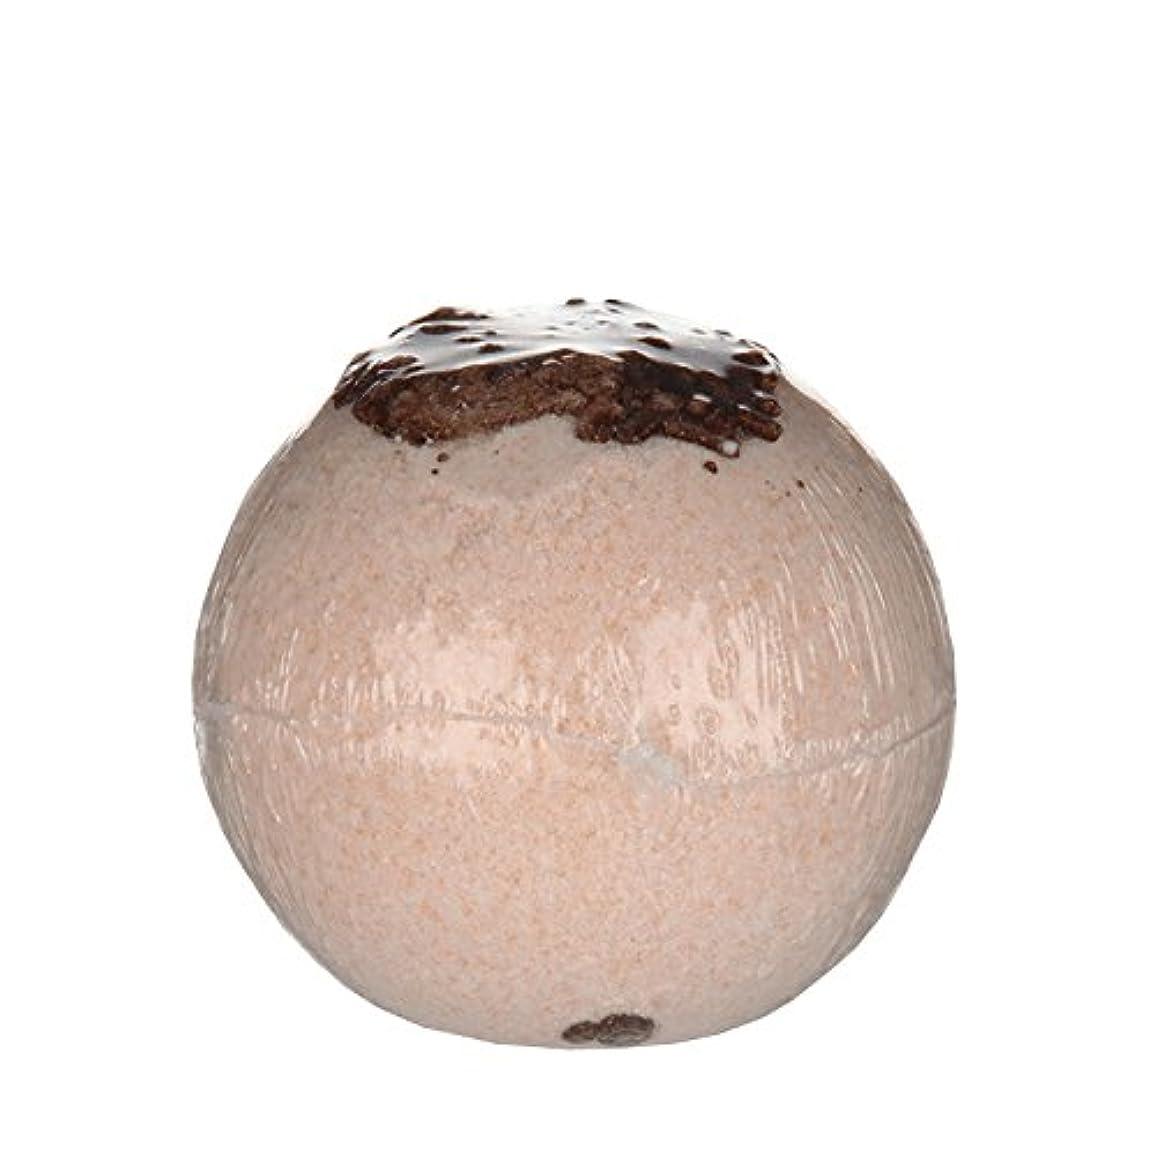 社交的アルミニウムおとうさんTreetsバスボールココナッツチョコレート170グラム - Treets Bath Ball Coconut Chocolate 170g (Treets) [並行輸入品]